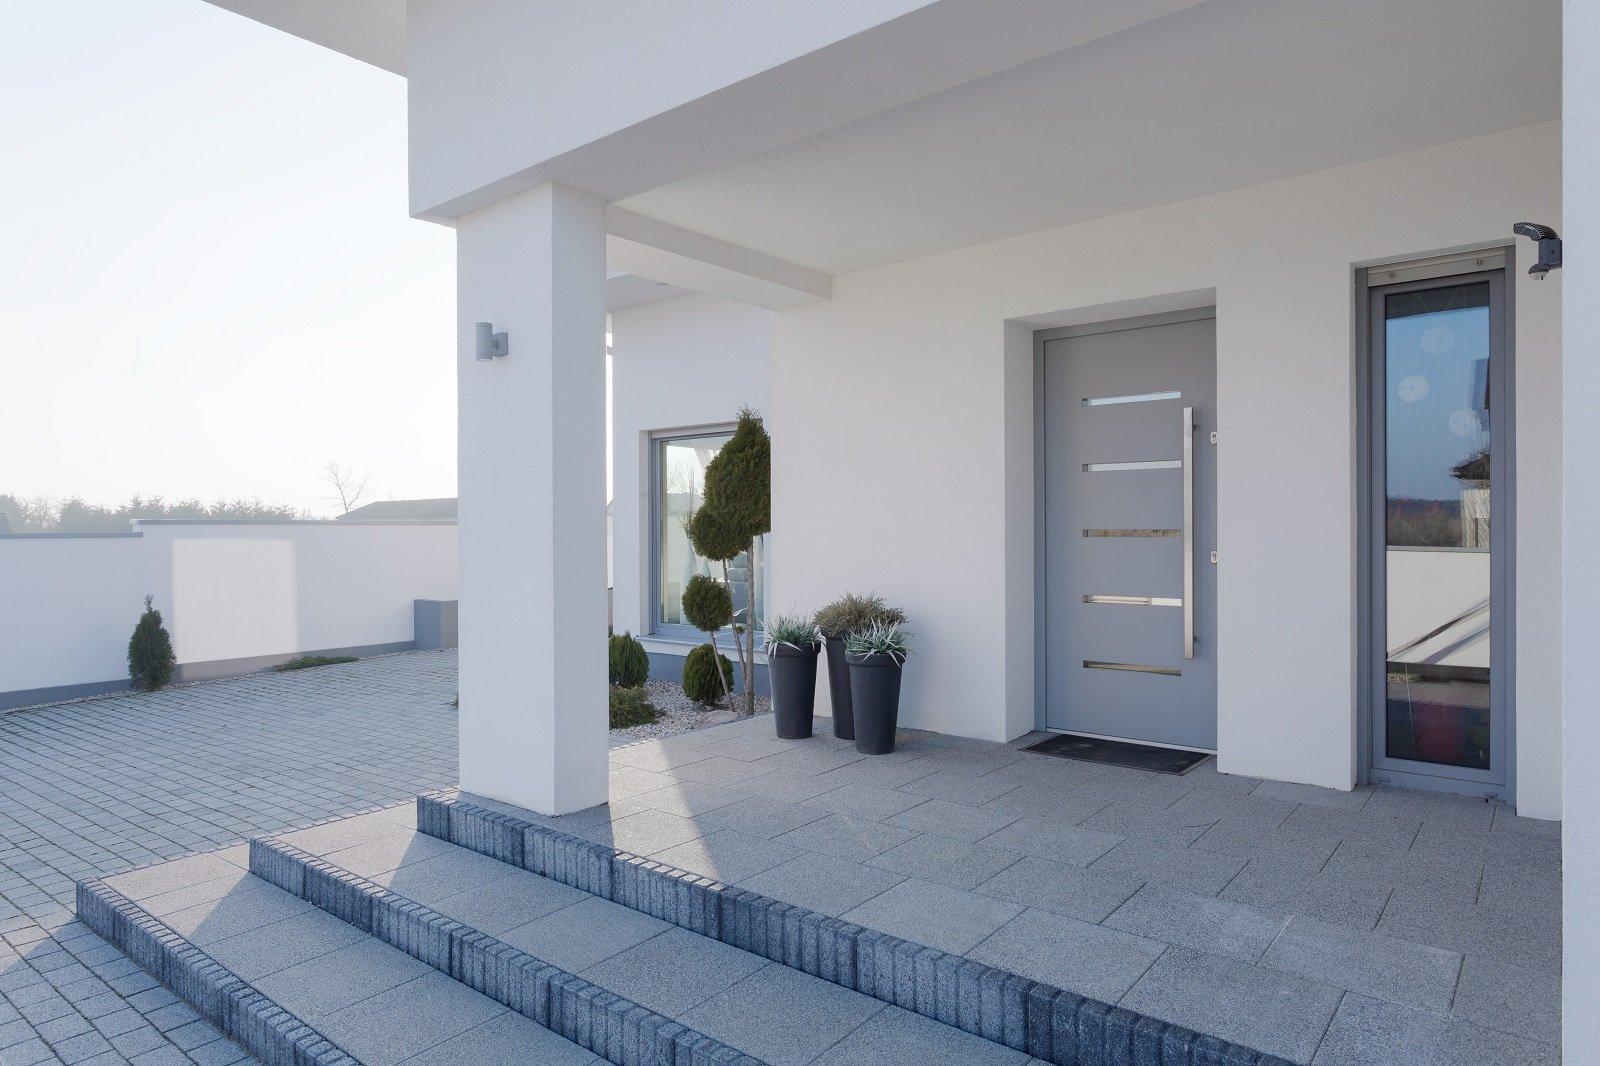 un porta da esterno di color grigio e vista delle scale